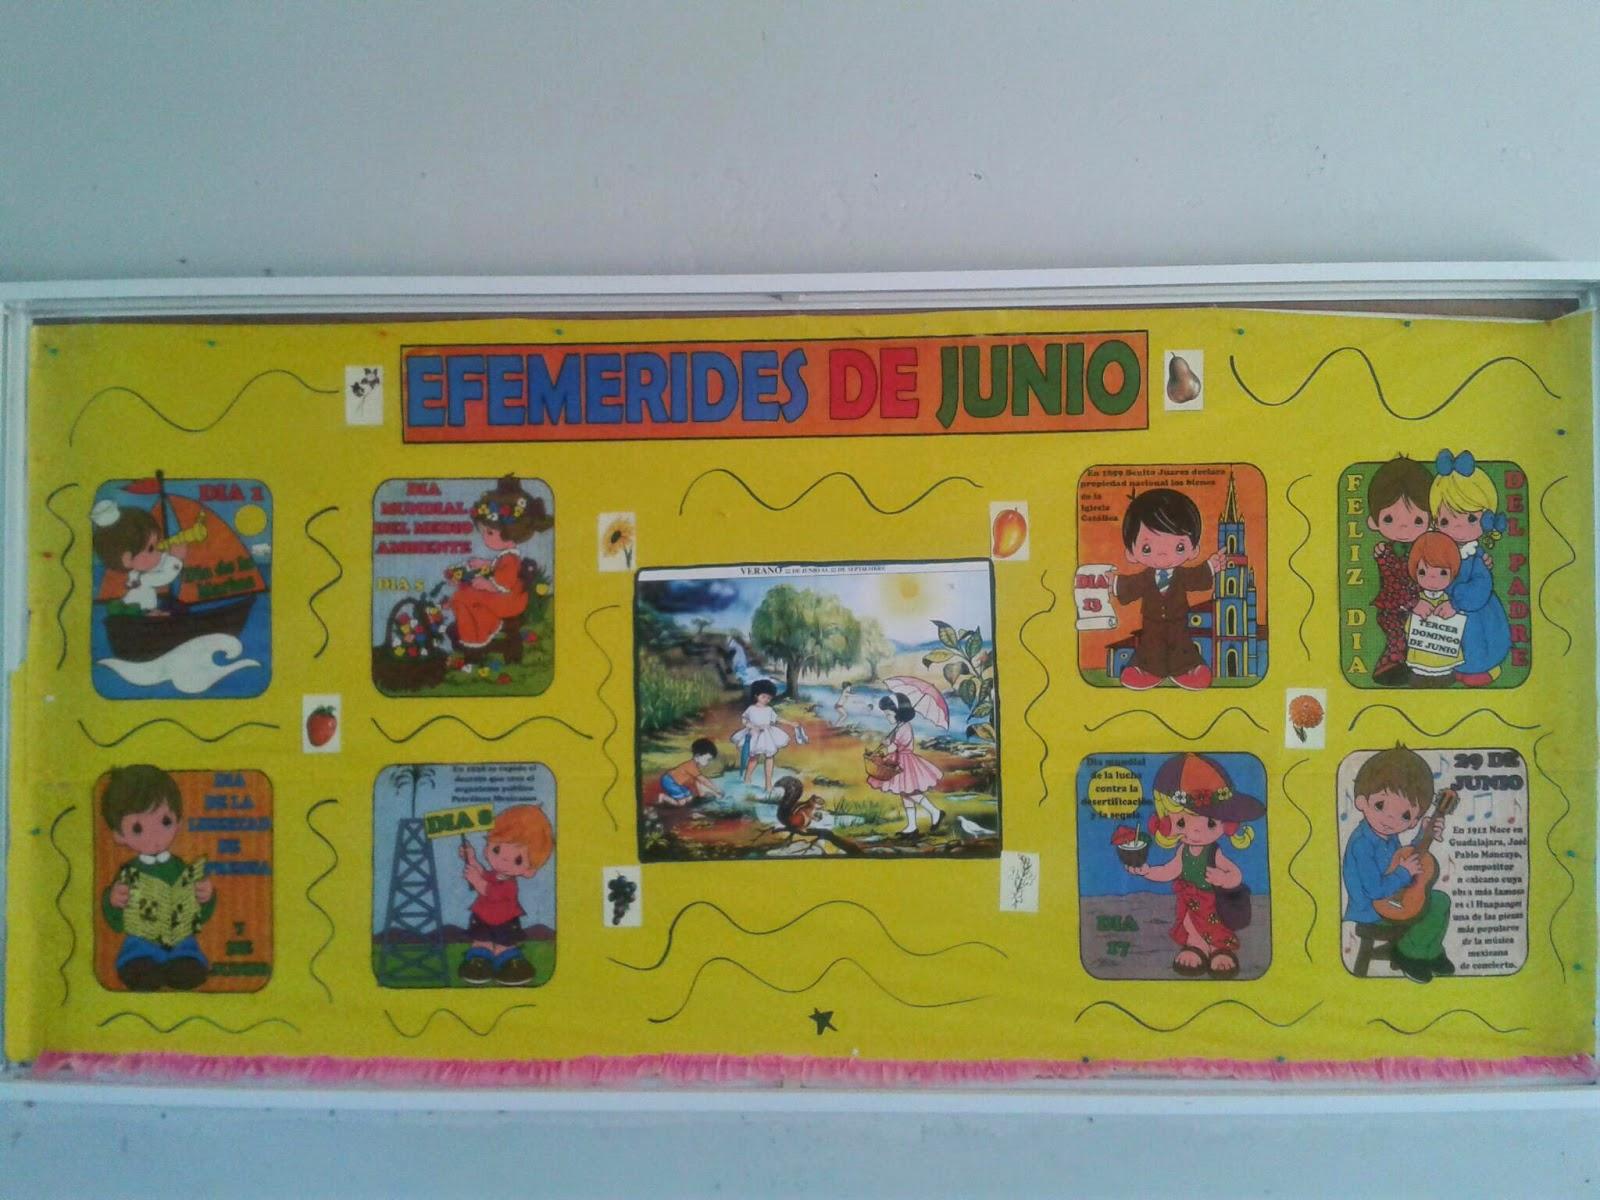 Escuela Primaria Nicolás Bravo Nuestro Periódico Mural De Junio